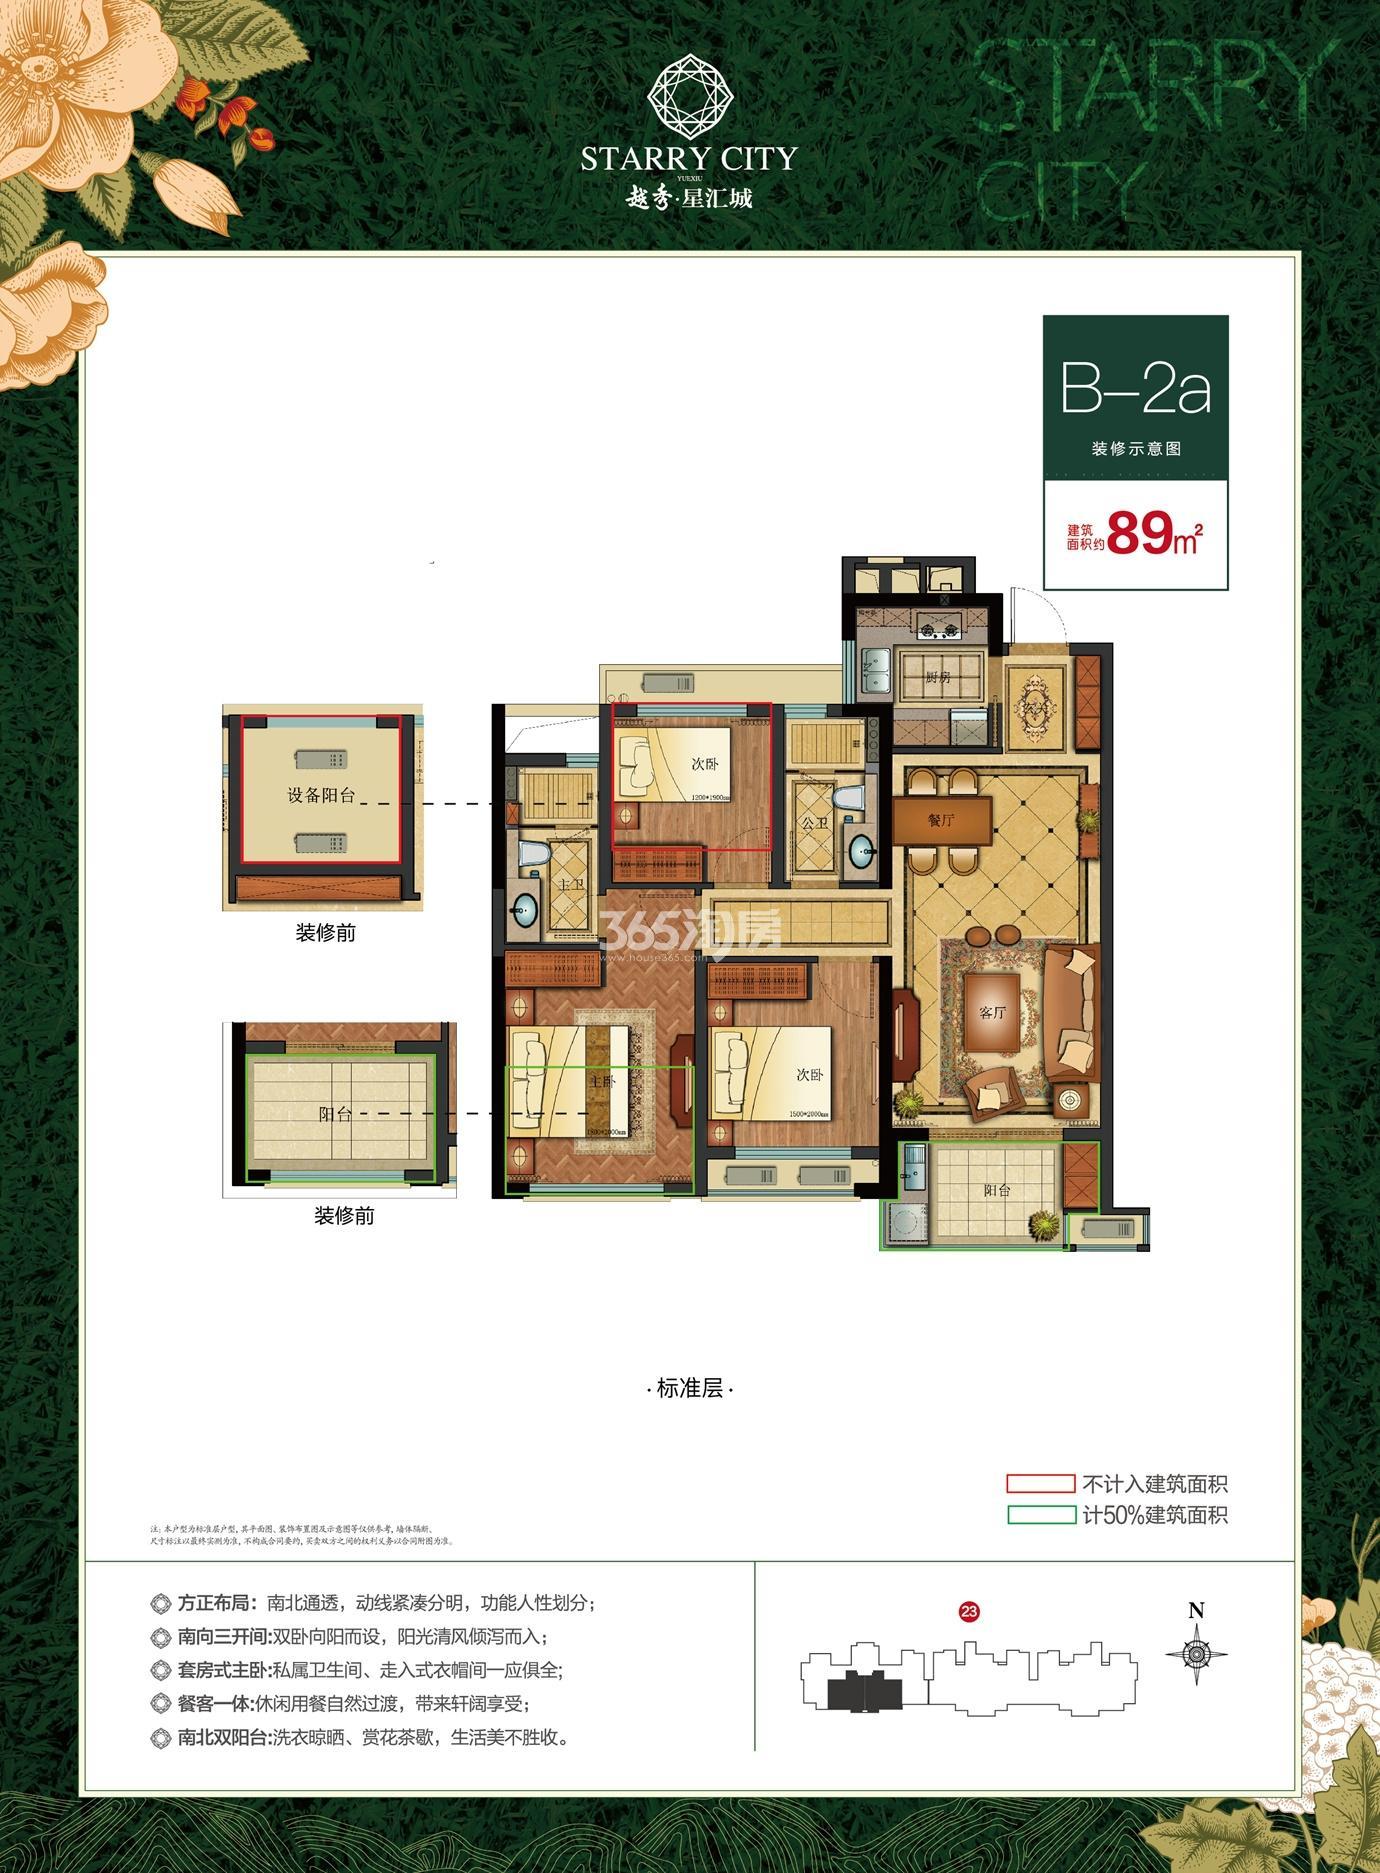 越秀星汇城B-2a户型中间套89方 (23号楼)